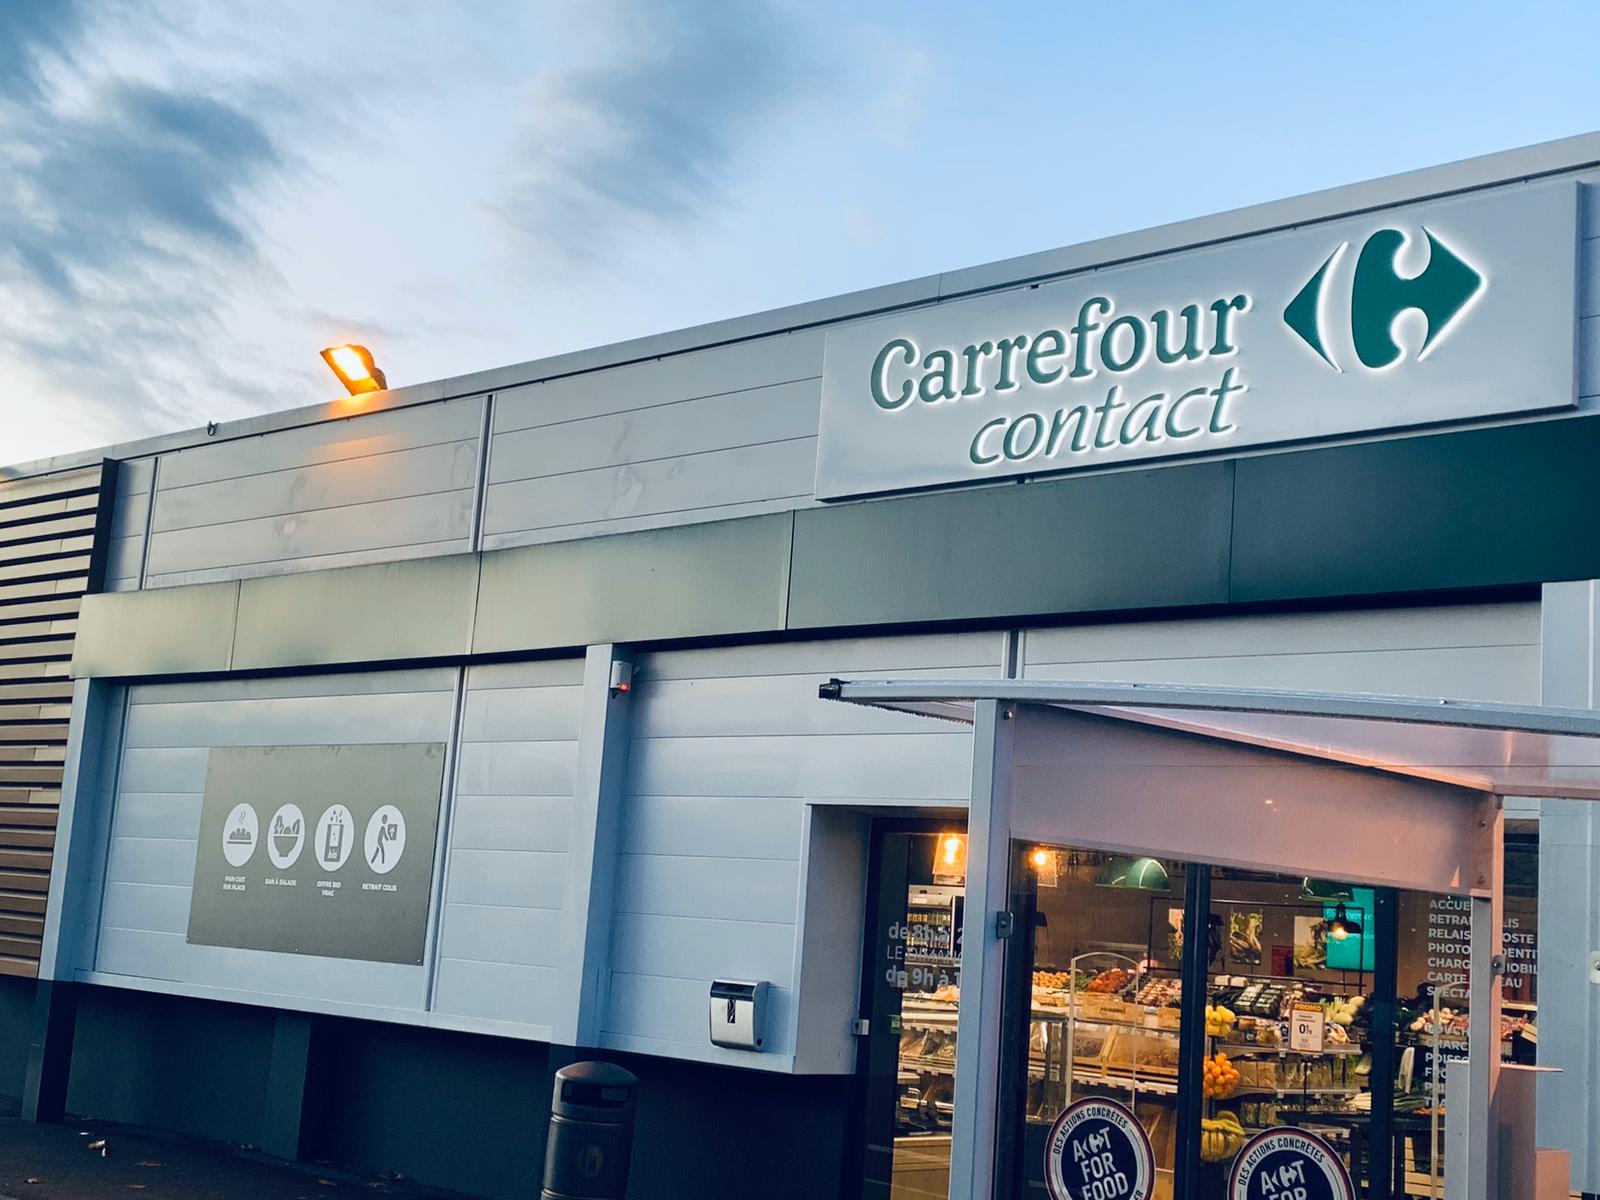 Découvrez New Contact, les nouveaux magasins Carrefour Contact !